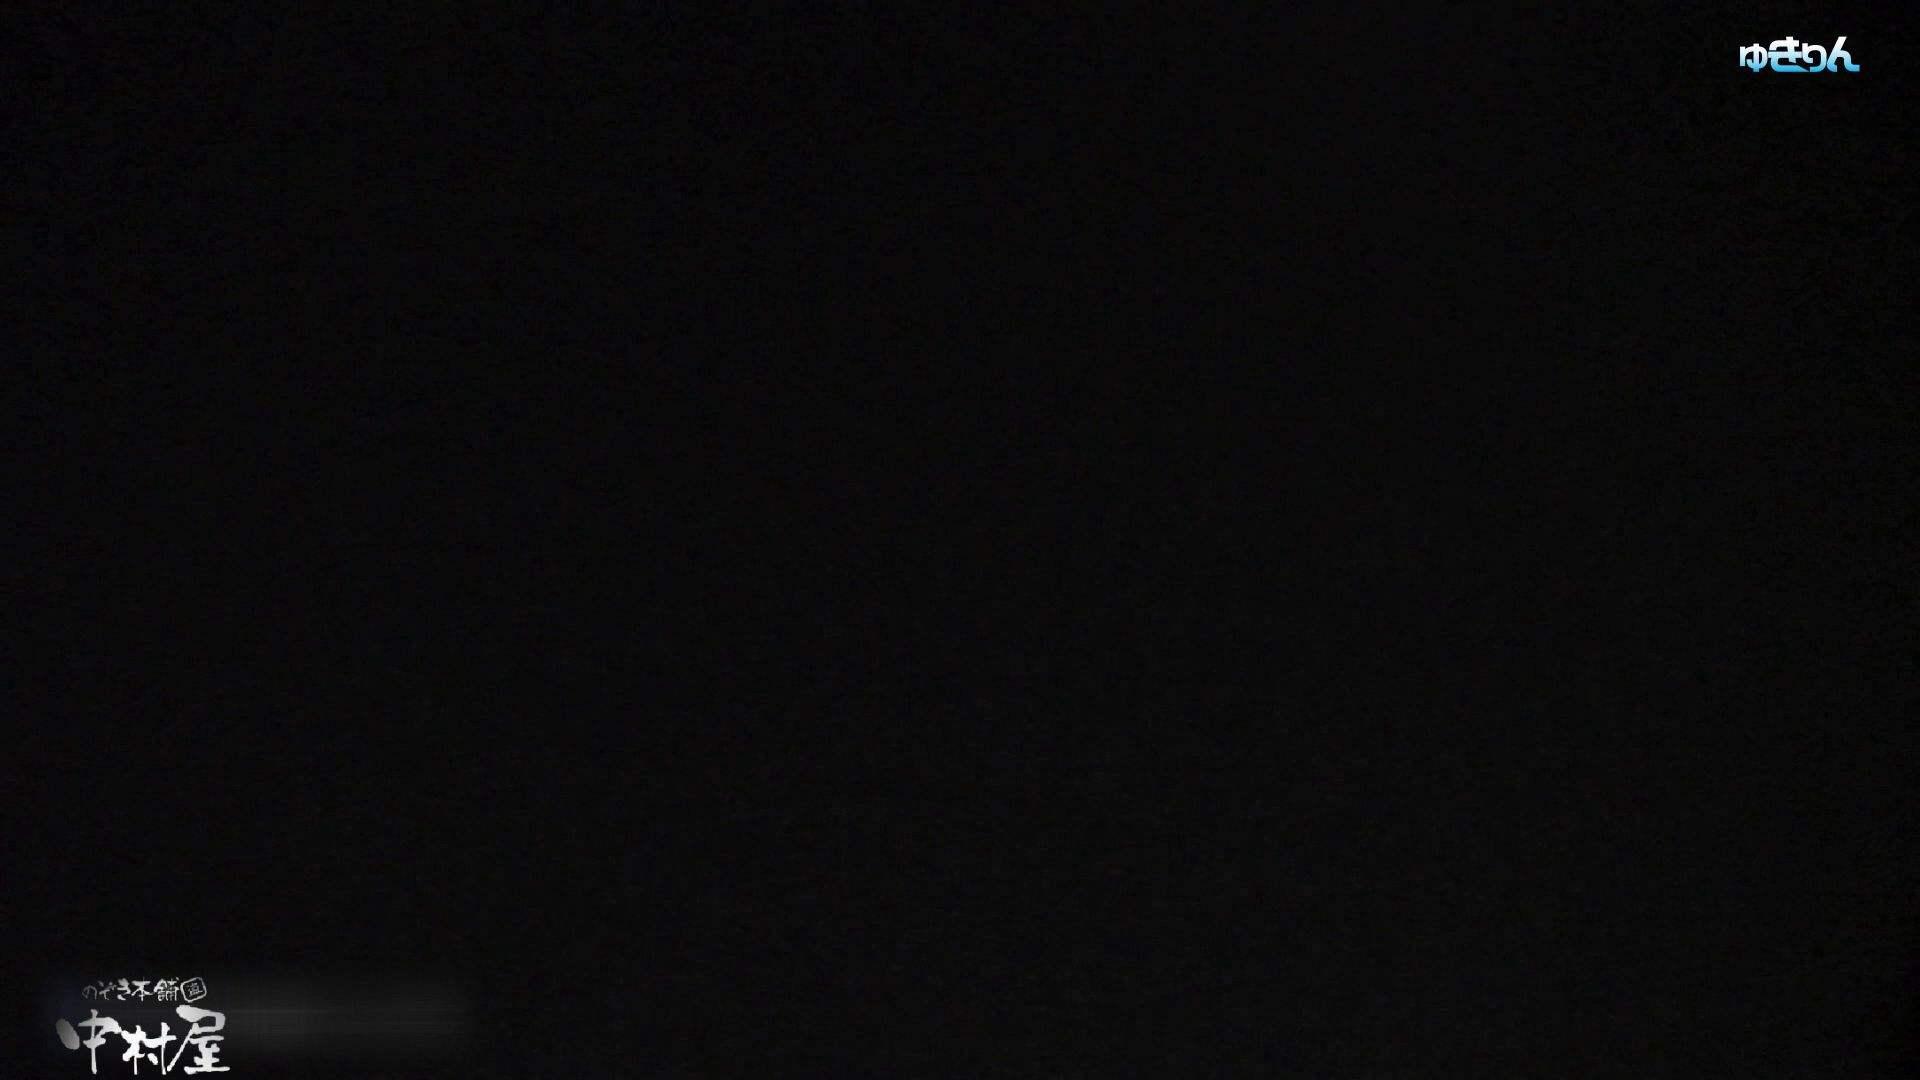 世界の射窓から~ステーション編 vol61 レベルアップ!!画質アップ、再発進 綺麗なOLたち | 0  55枚 39